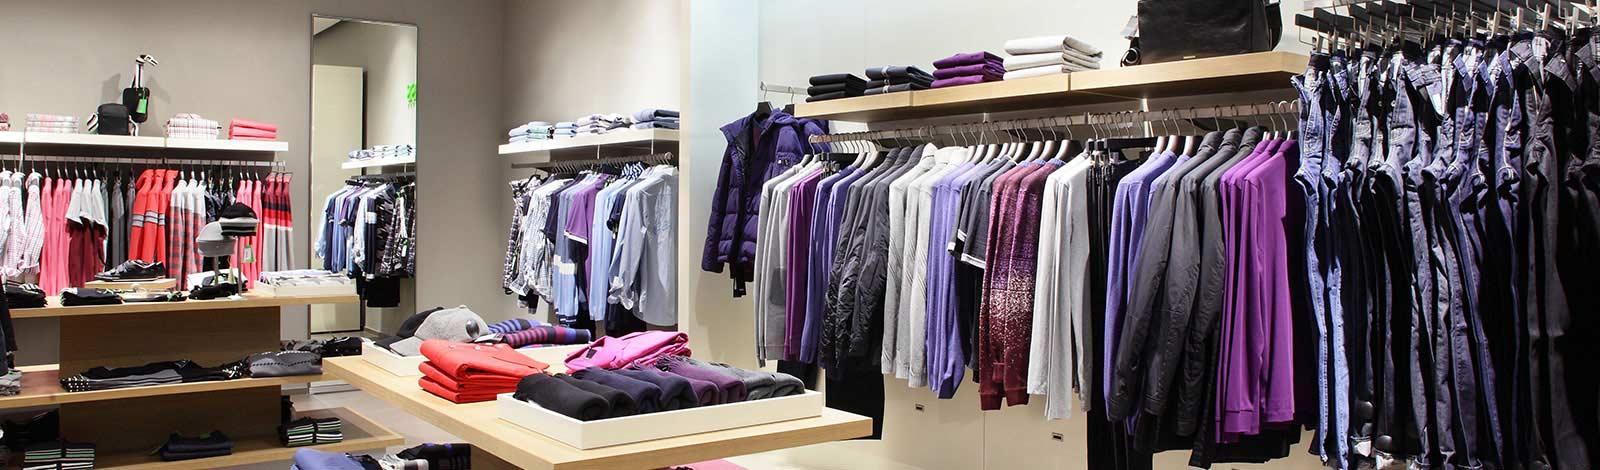 balansen-kleding-modezaak